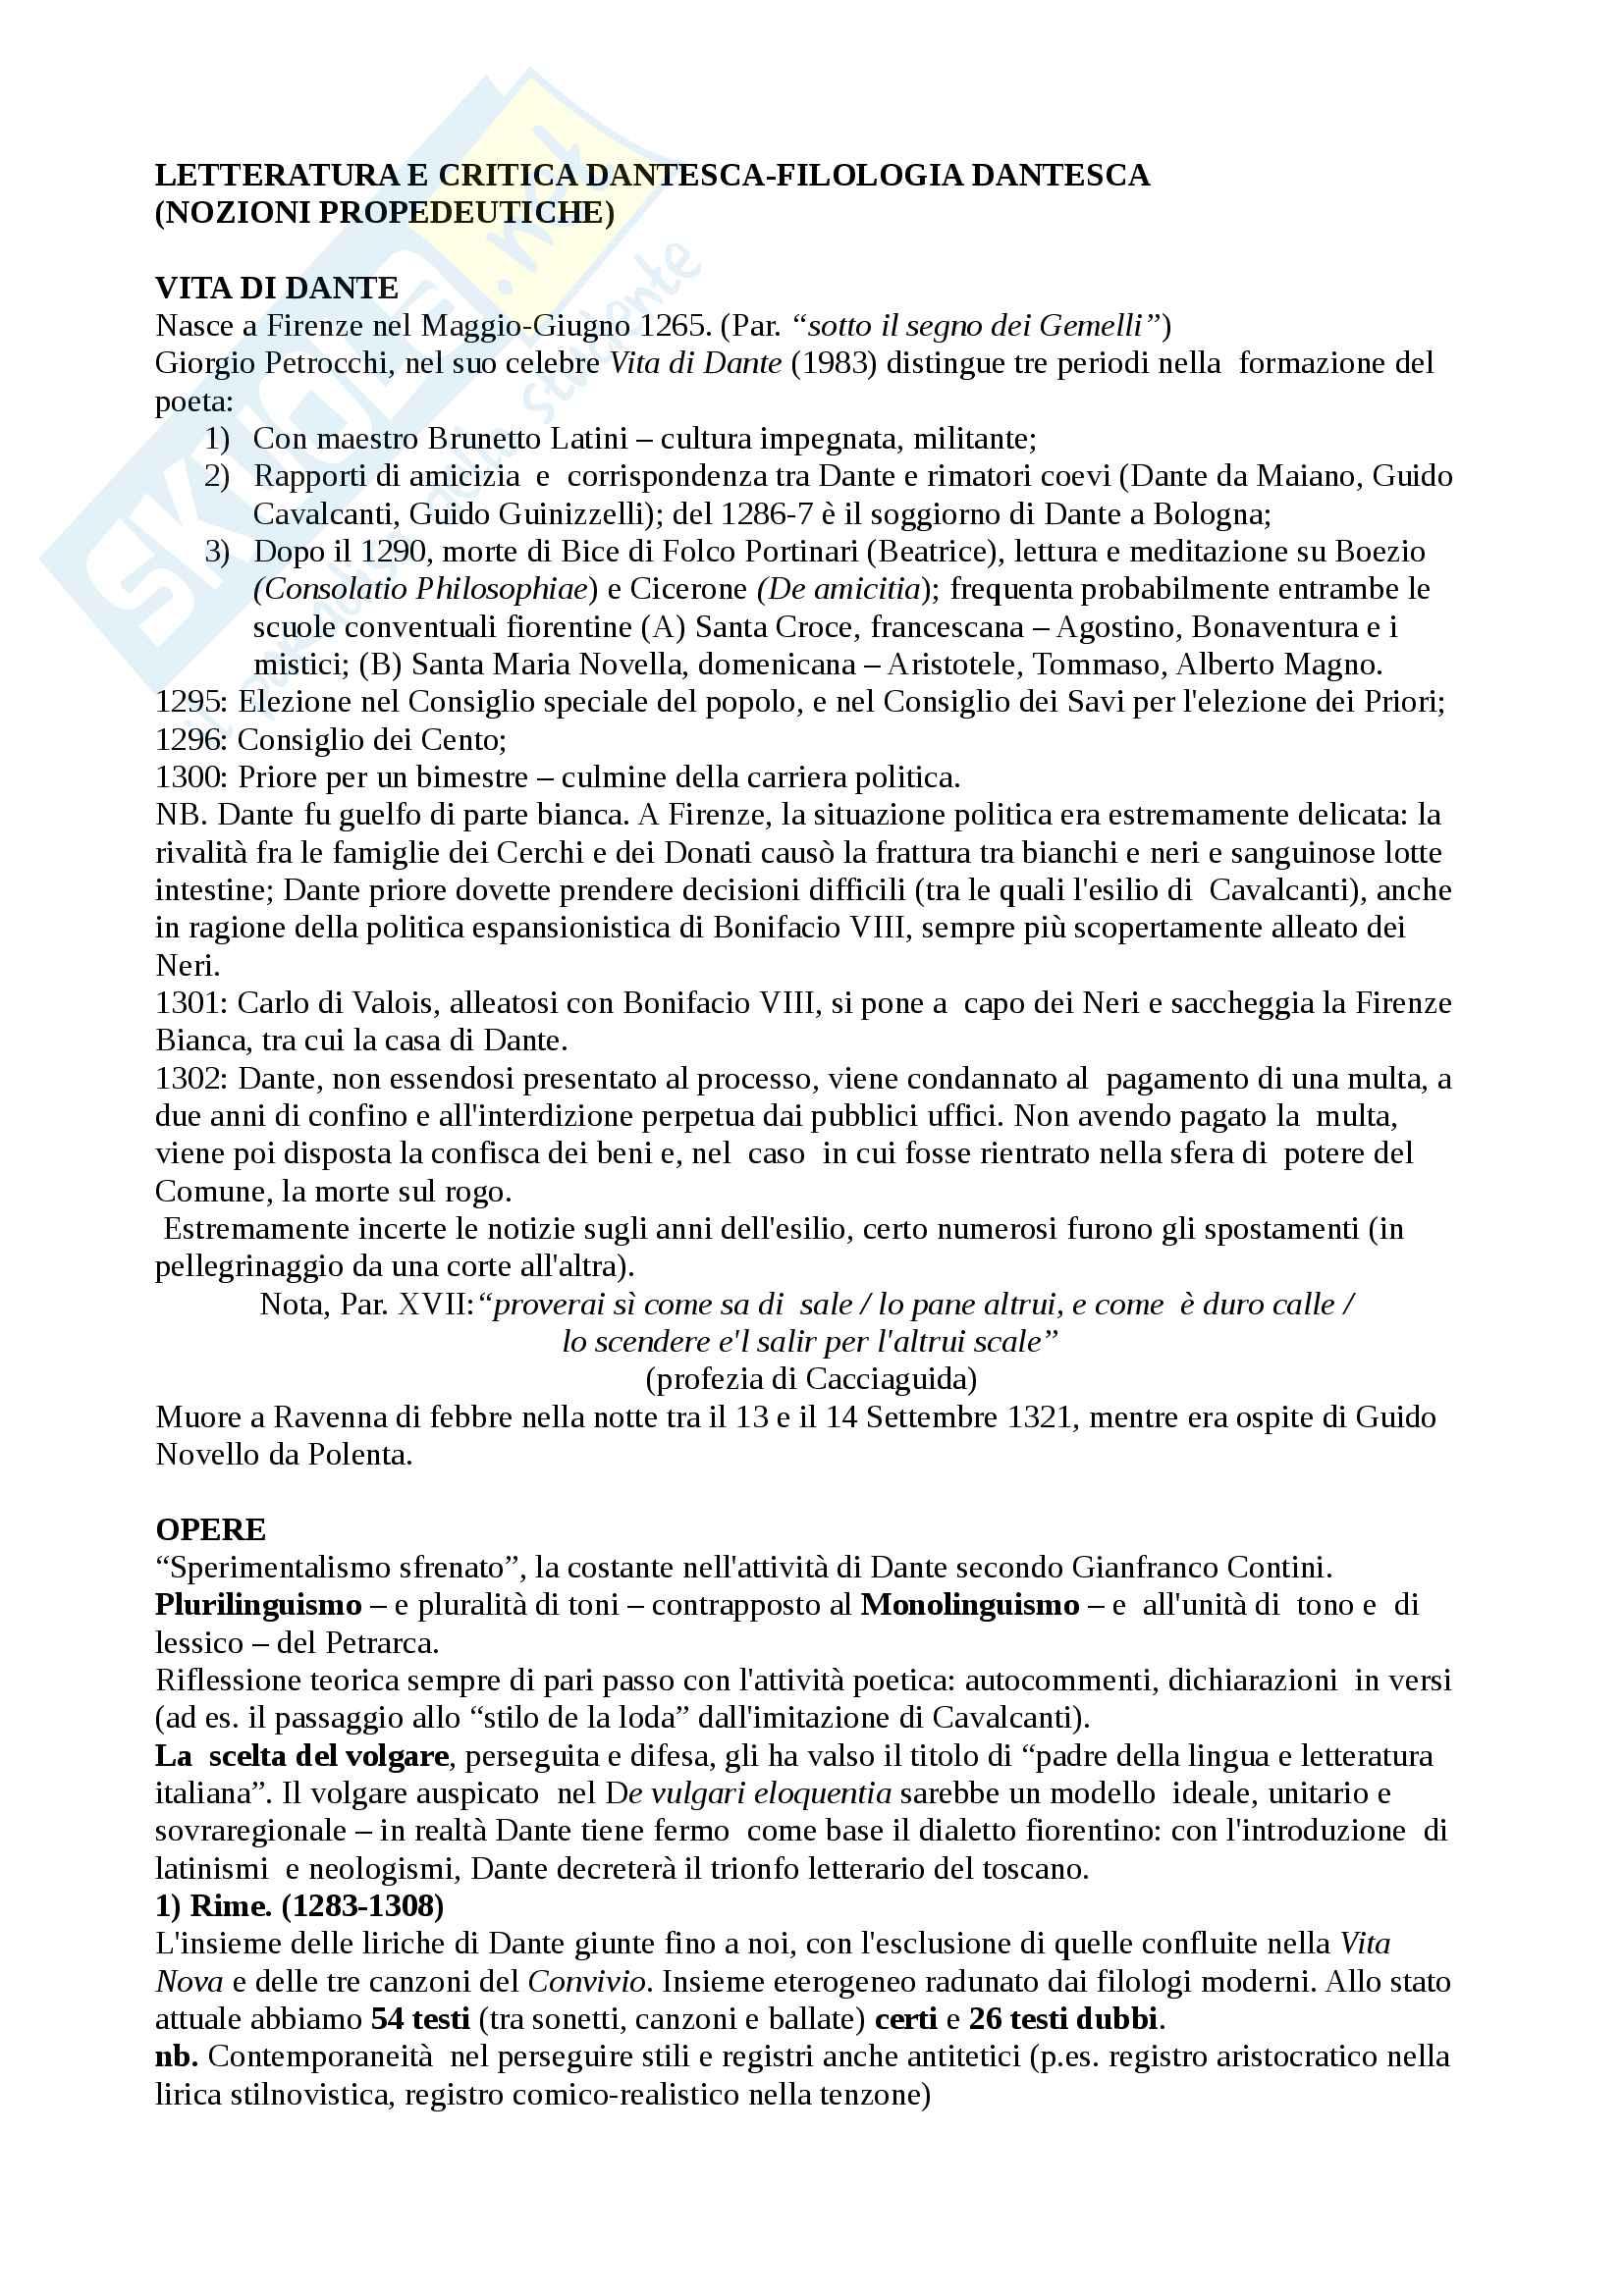 Filologia Dantesca - tutte le nozioni propedeutiche (con Hollander e Auerbach)